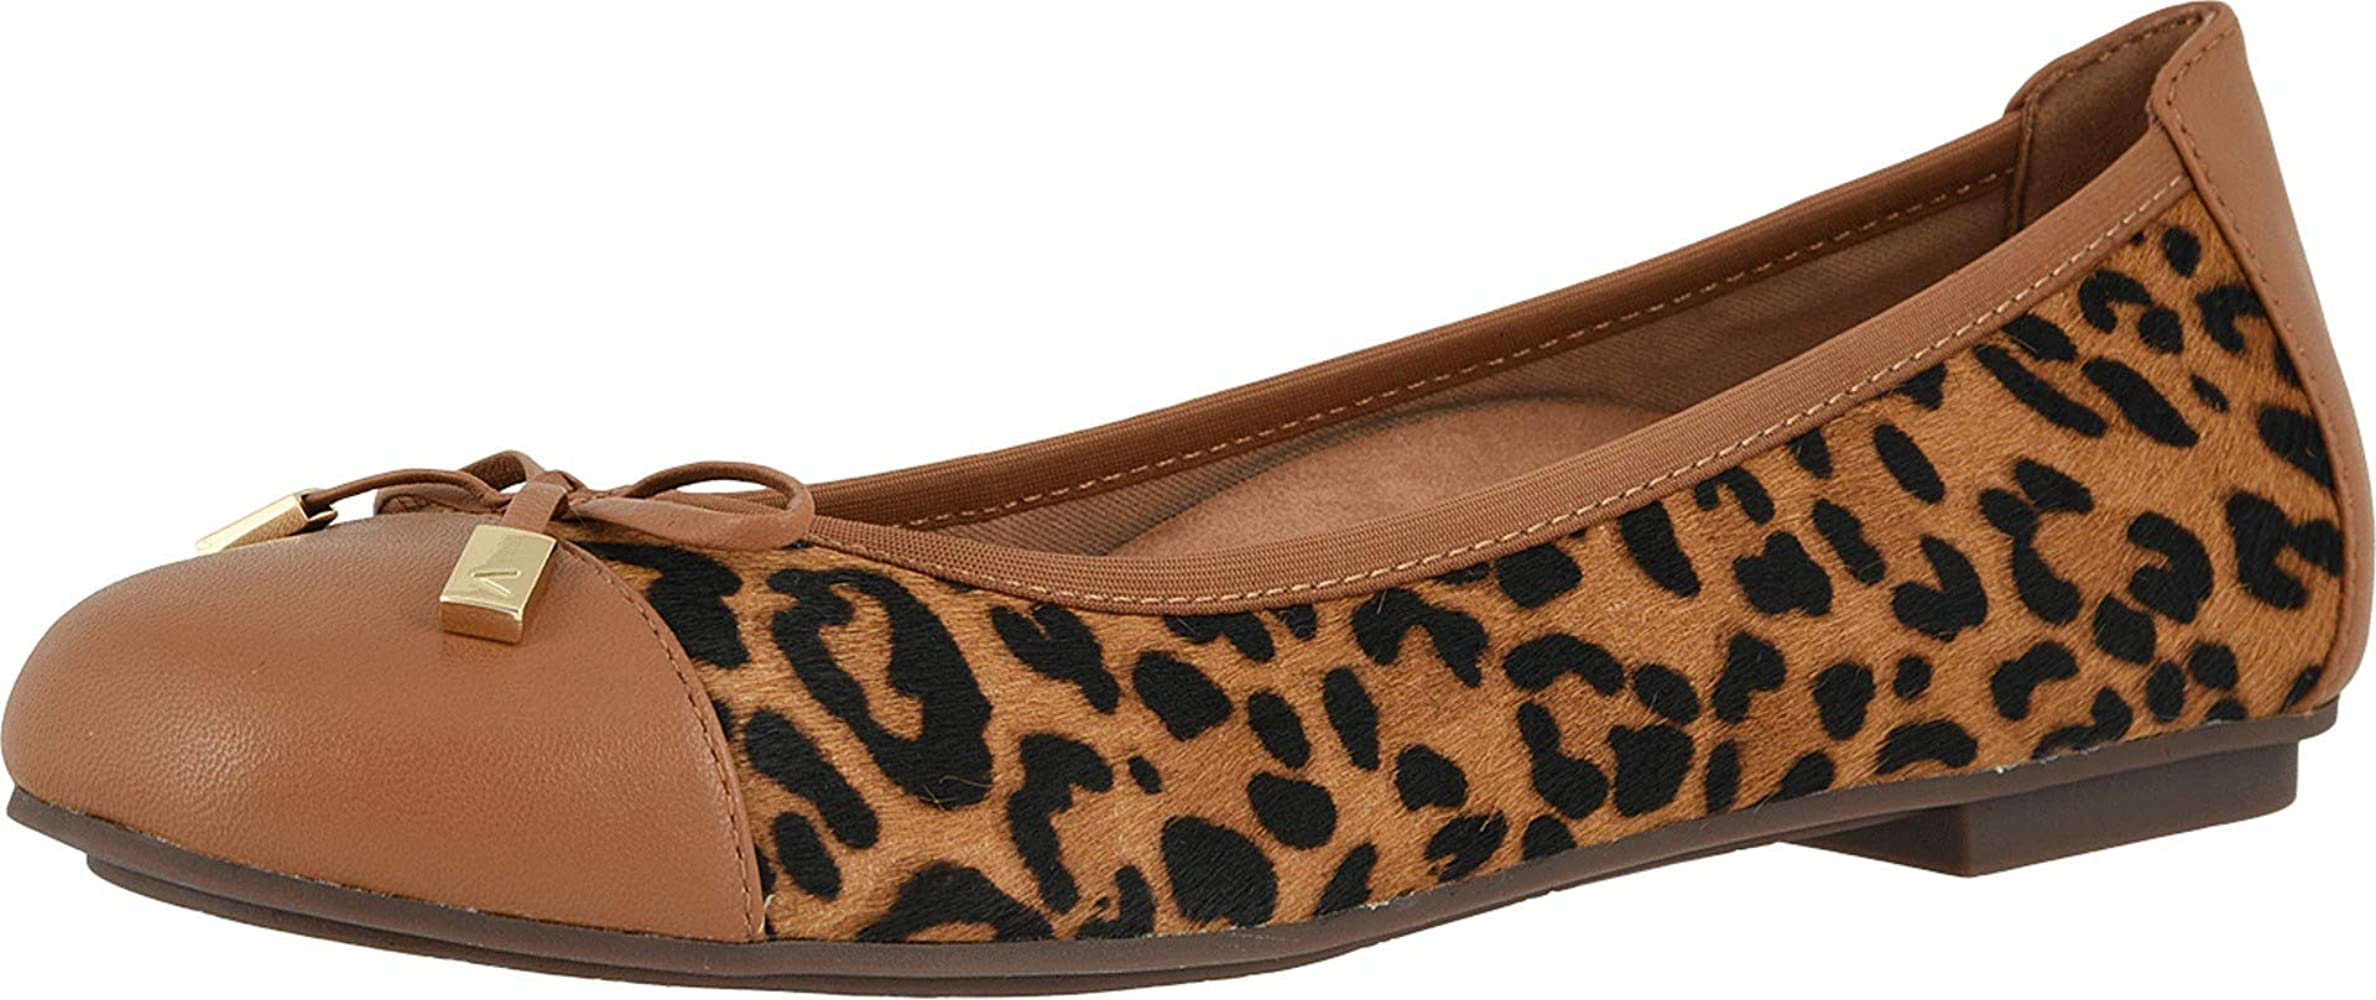 Vionic Minna Tan Leopard | Flats